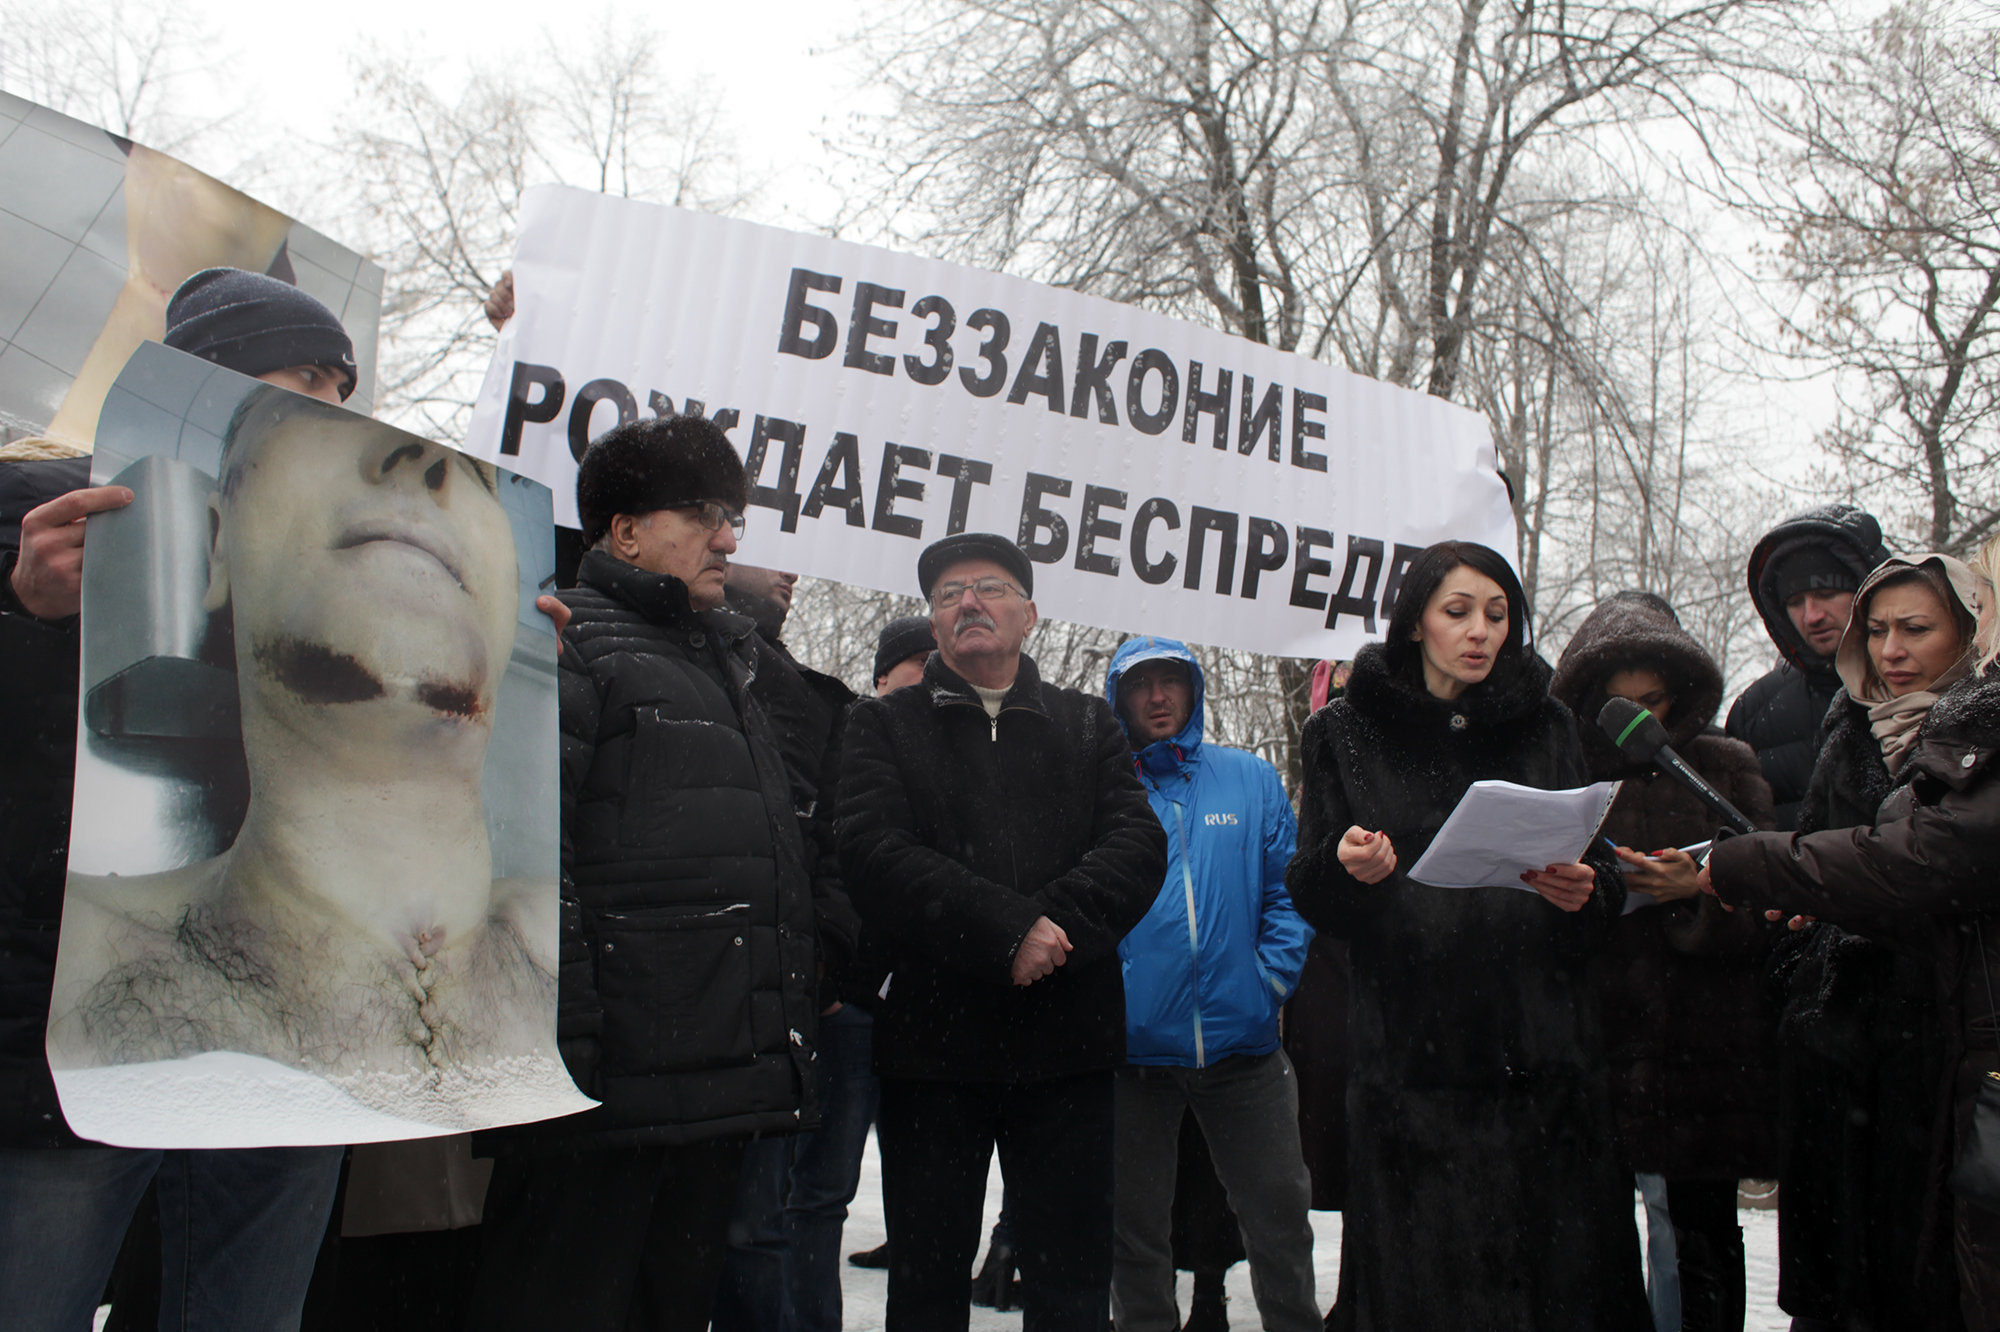 Земфира Цкаева (в центре), вдова Владимира Цкаева